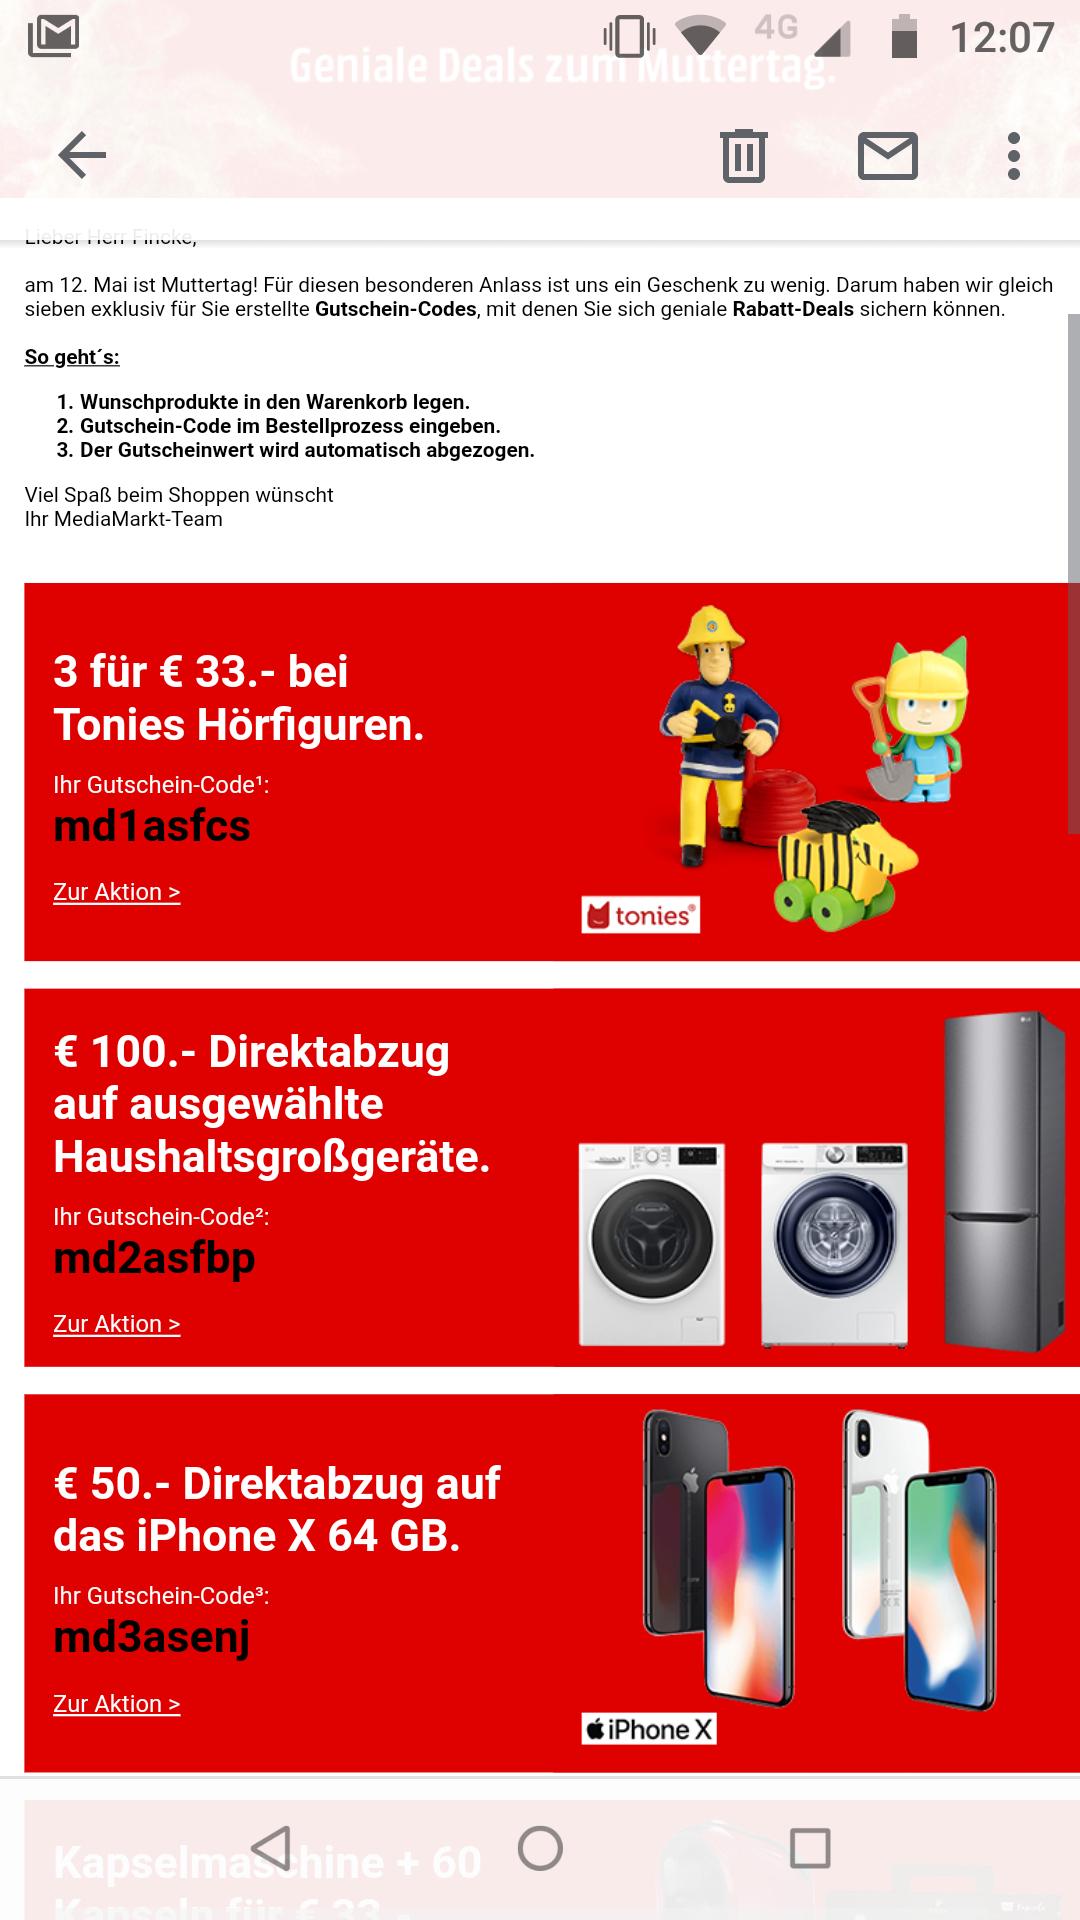 3 Tonie- Figuren für nur 33€  bei Media Markt